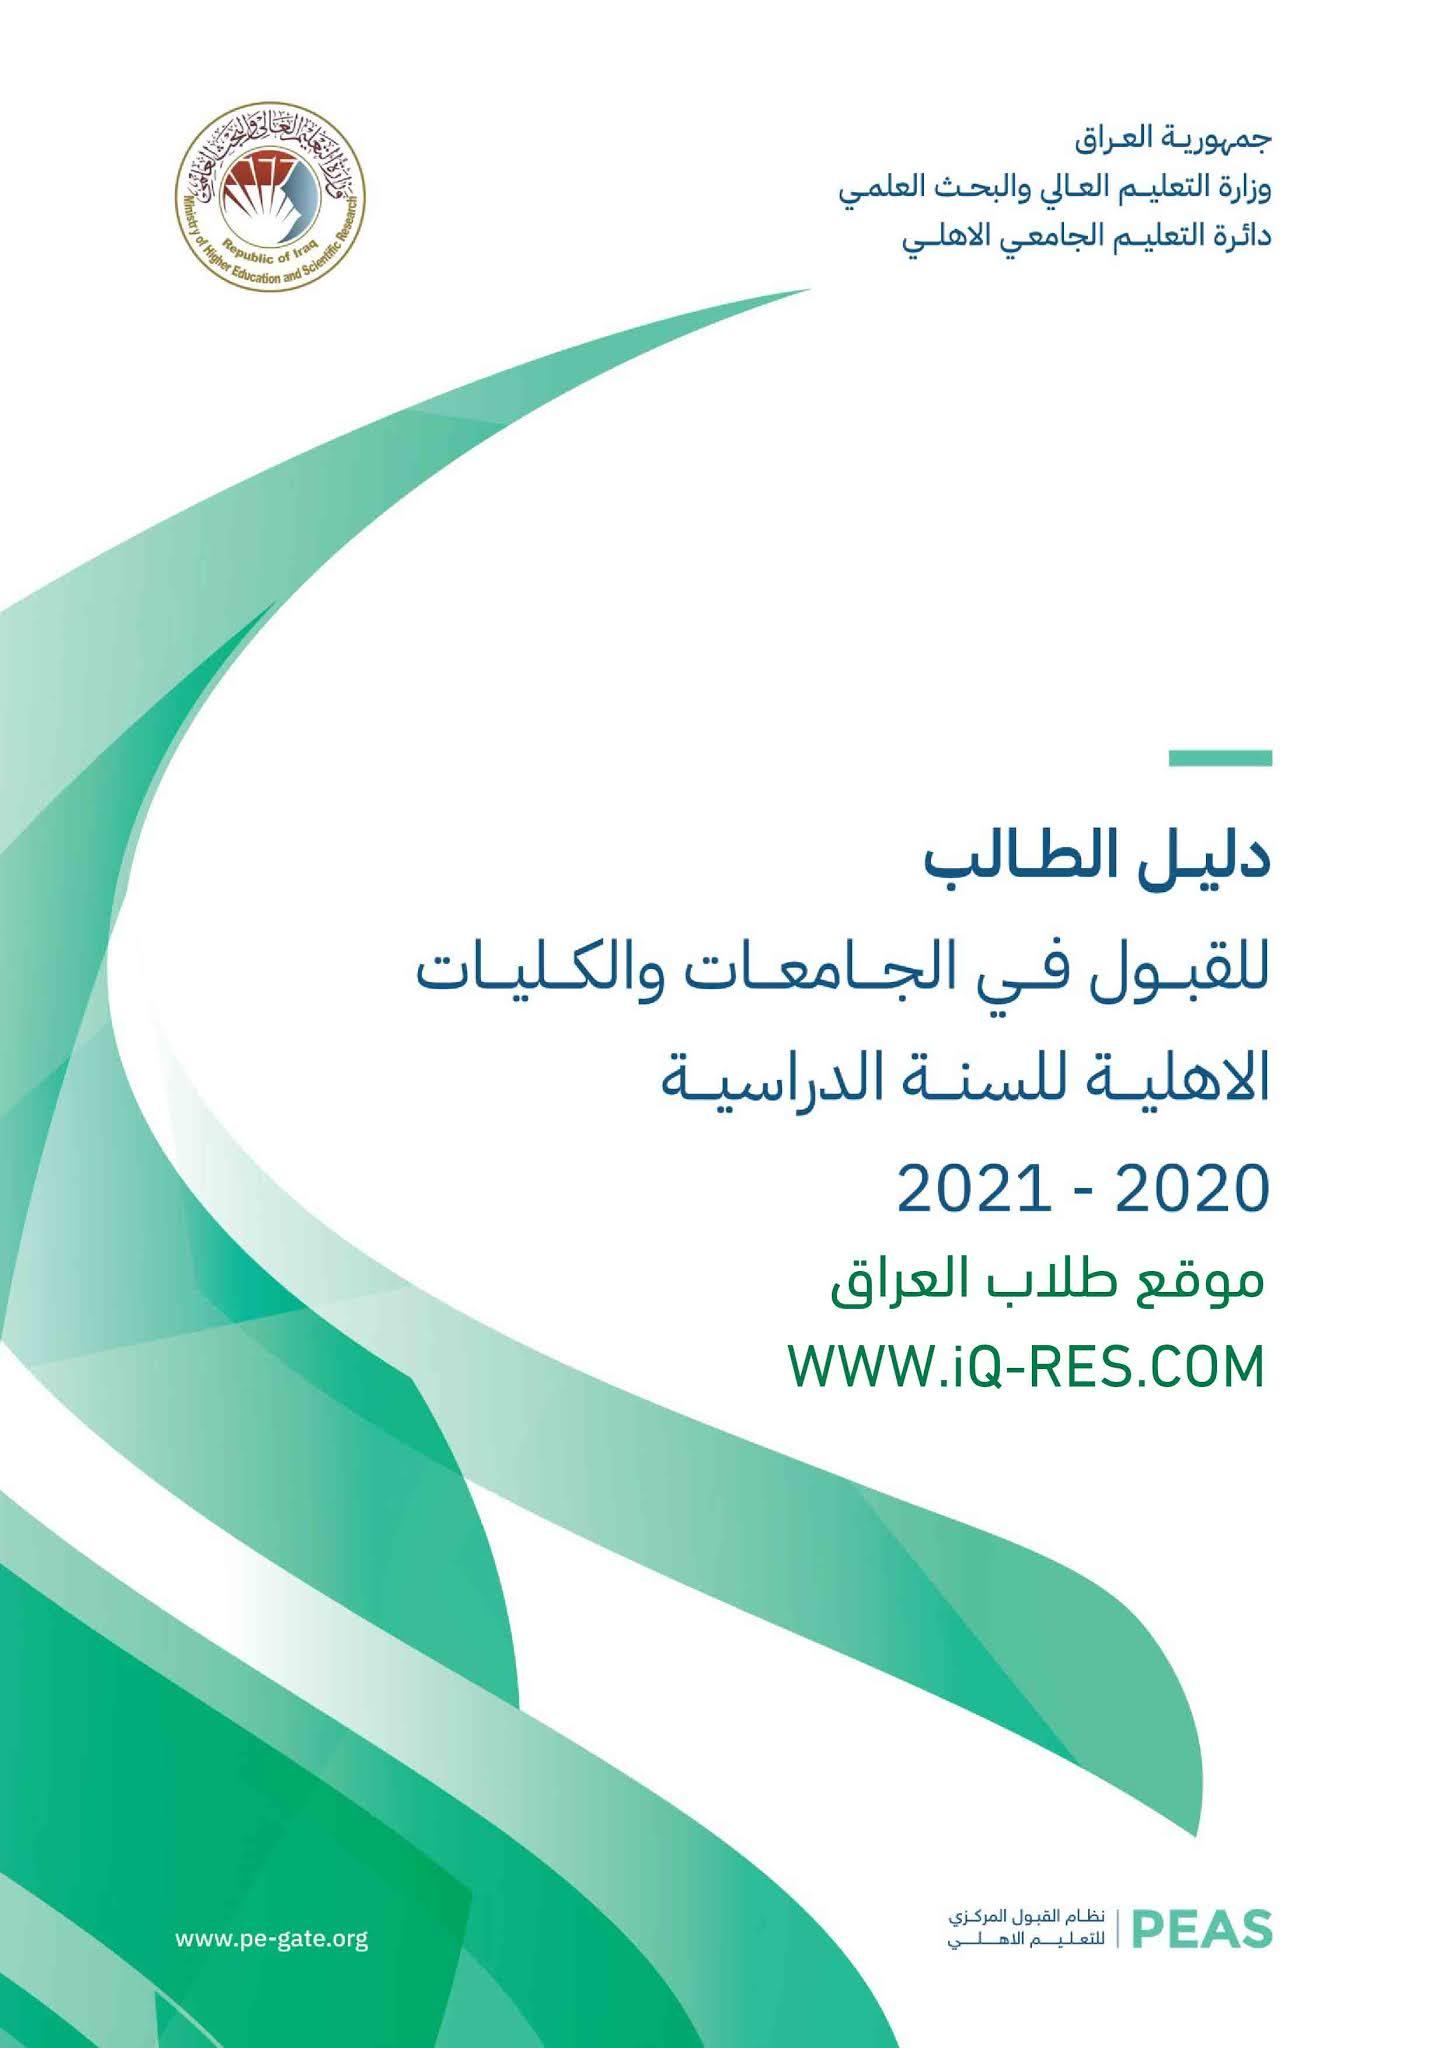 دليل الطالب للقبول في الجامعات والكليات الاهلية 2021-2020 في العراق %25D8%25AF%25D9%2584%25D9%258A%25D9%2584%2B%25D8%25A7%25D9%2584%25D8%25A7%25D9%2587%25D9%2584%25D9%258A